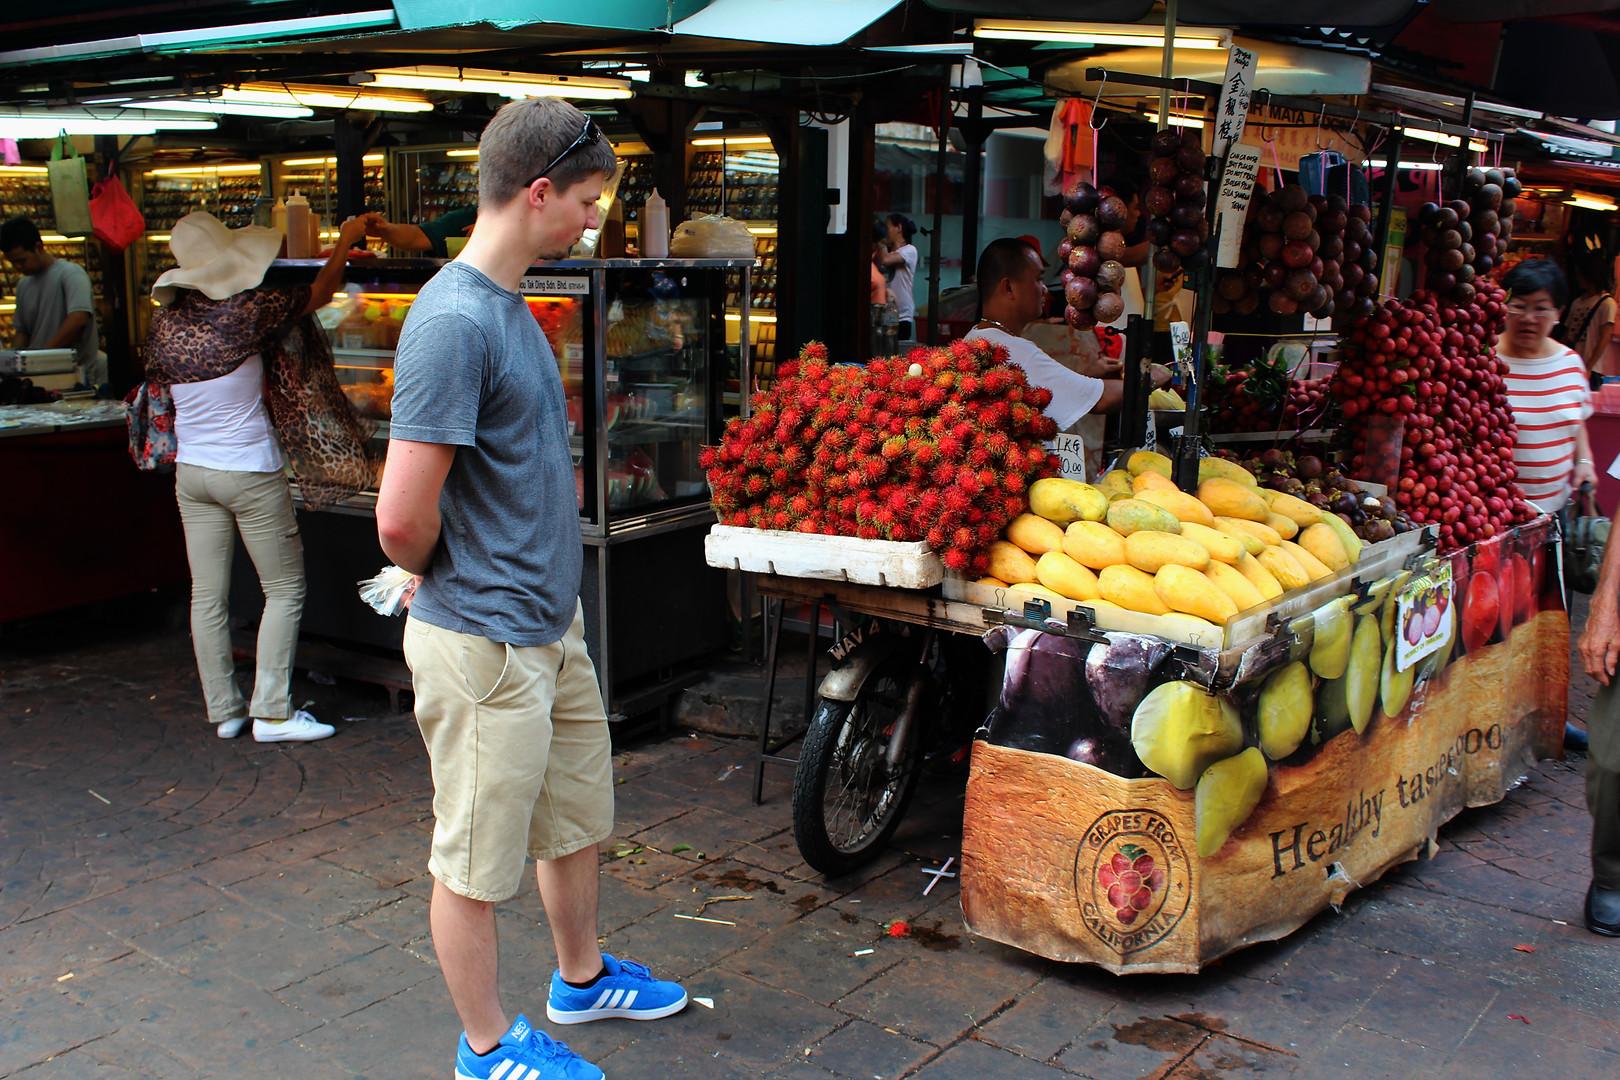 Ausschau am Markt